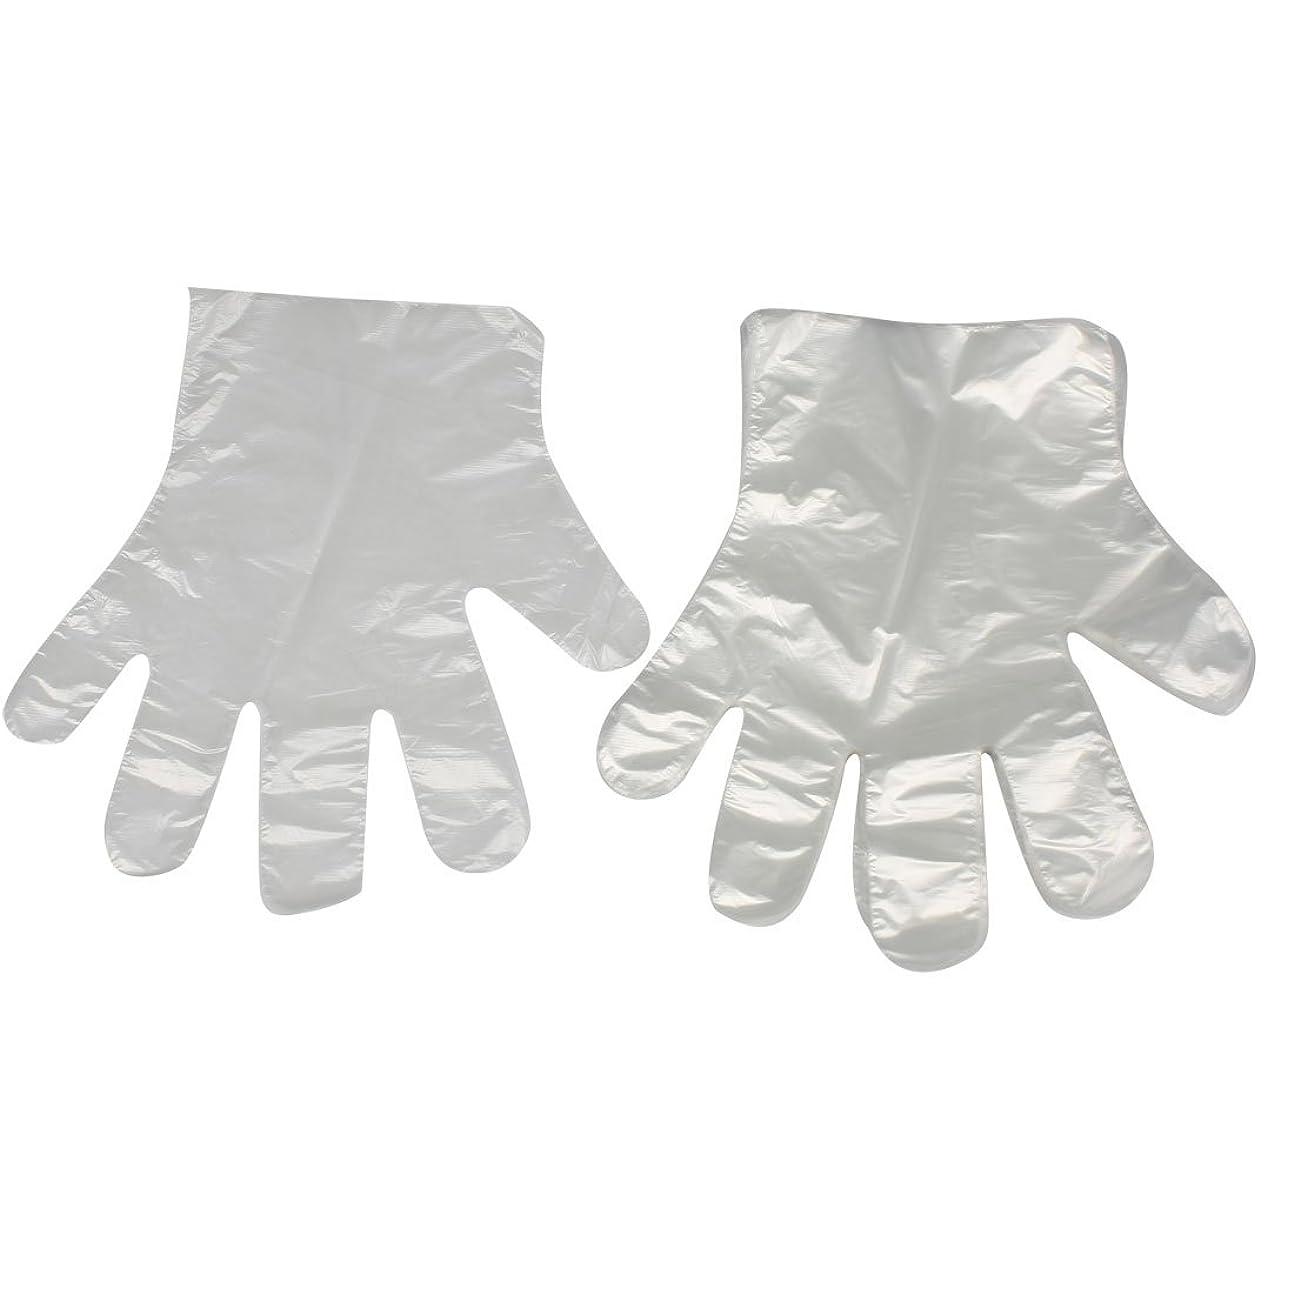 アーサーコナンドイルファントムサイズuxcell ホーム用キッチン用品 薄い柔軟な 使い捨て手袋 クリア ホワイト100 枚